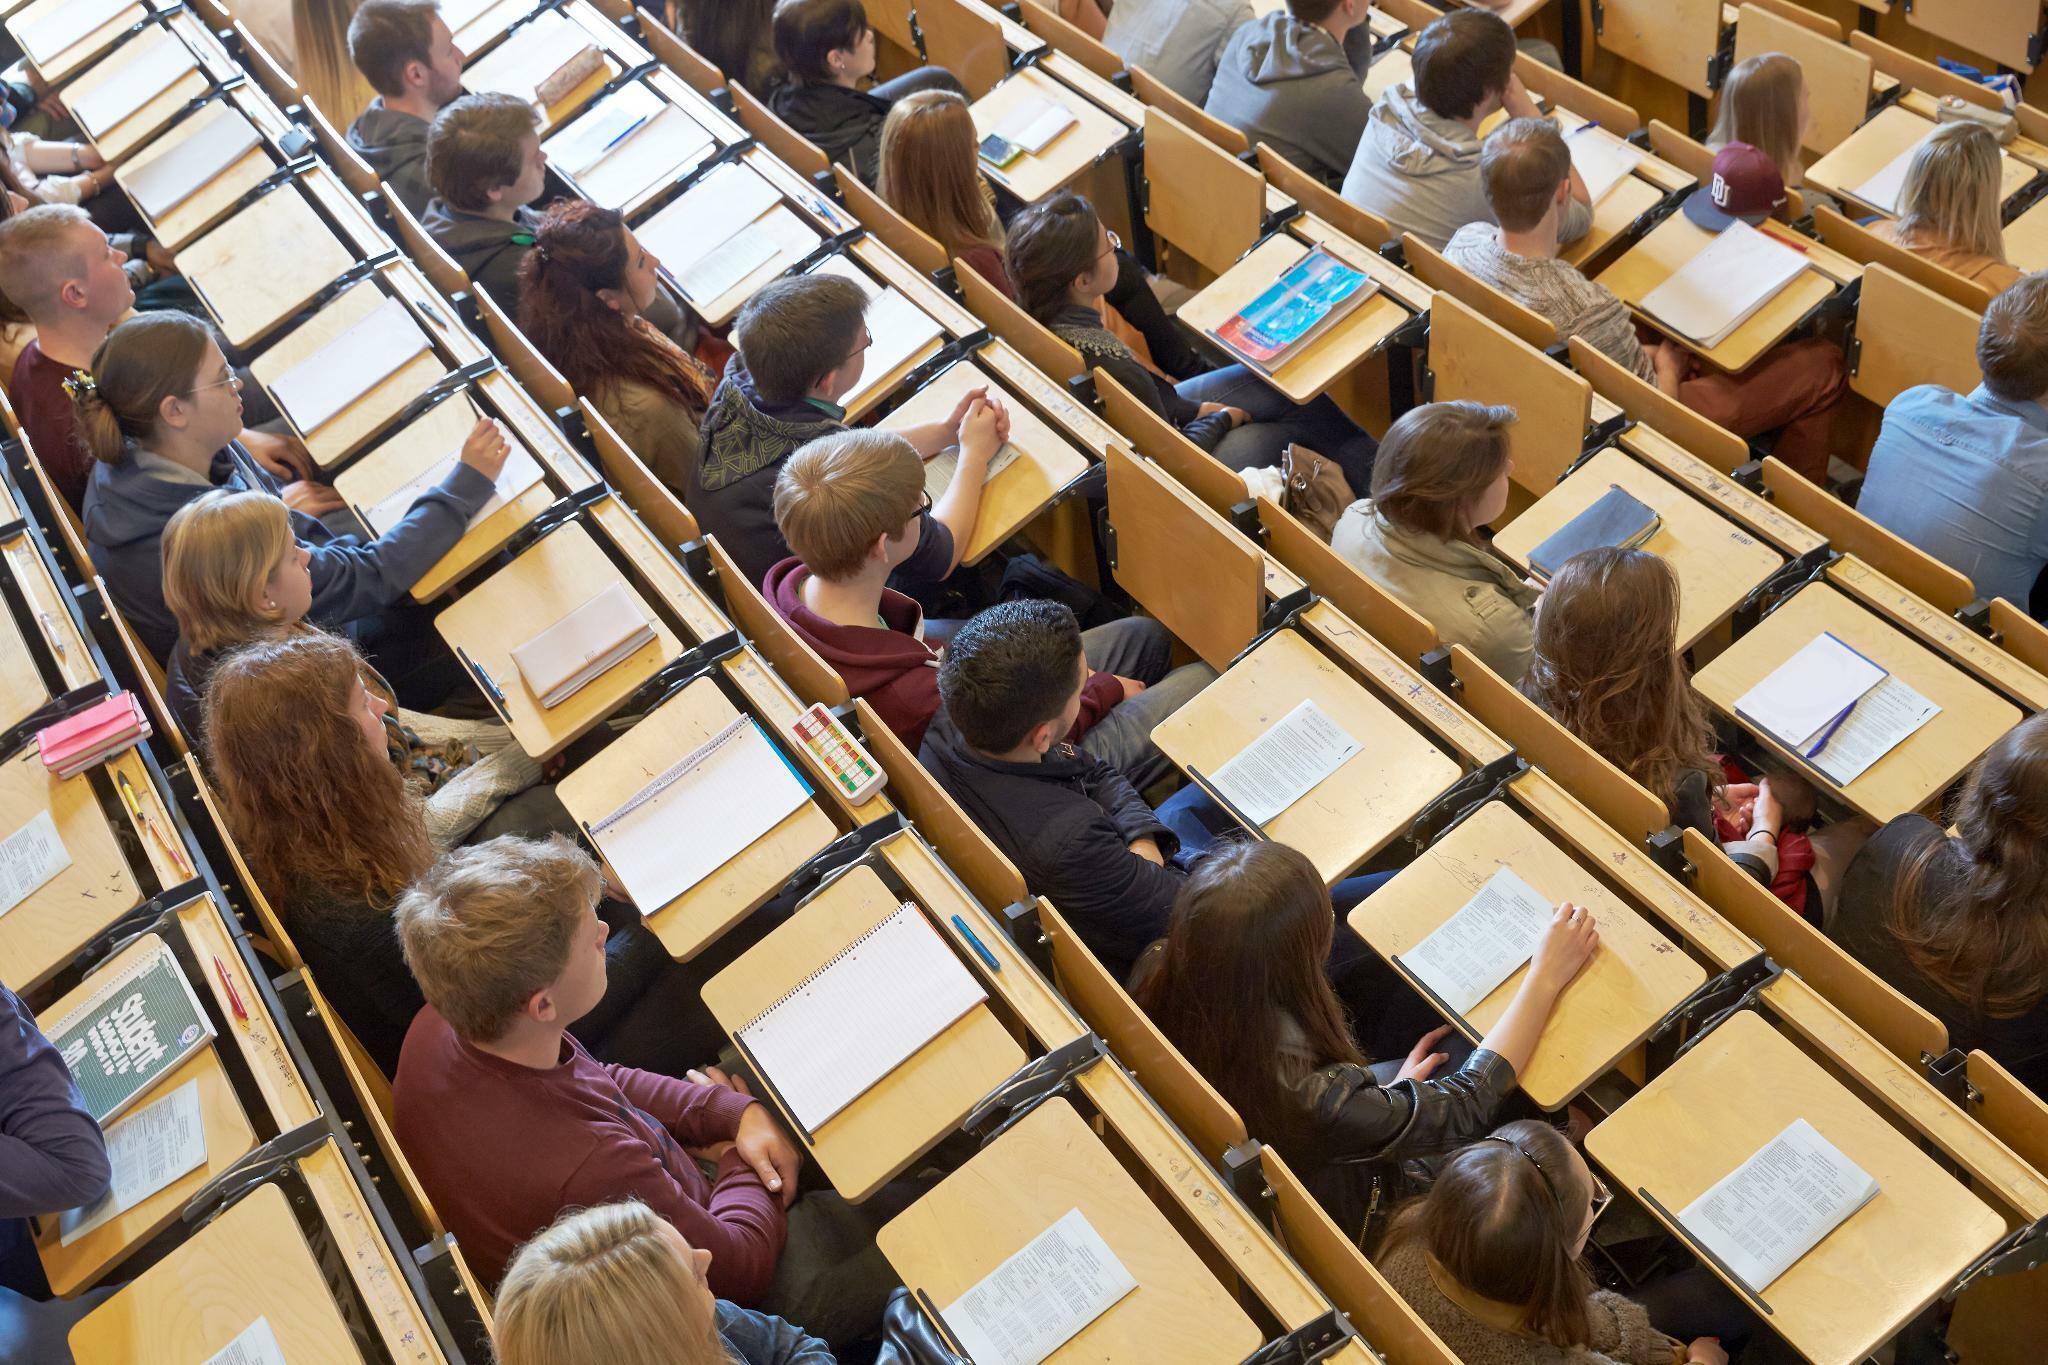 Hochschulrektorenkonferenz: Wissenslücken bei Abiturienten